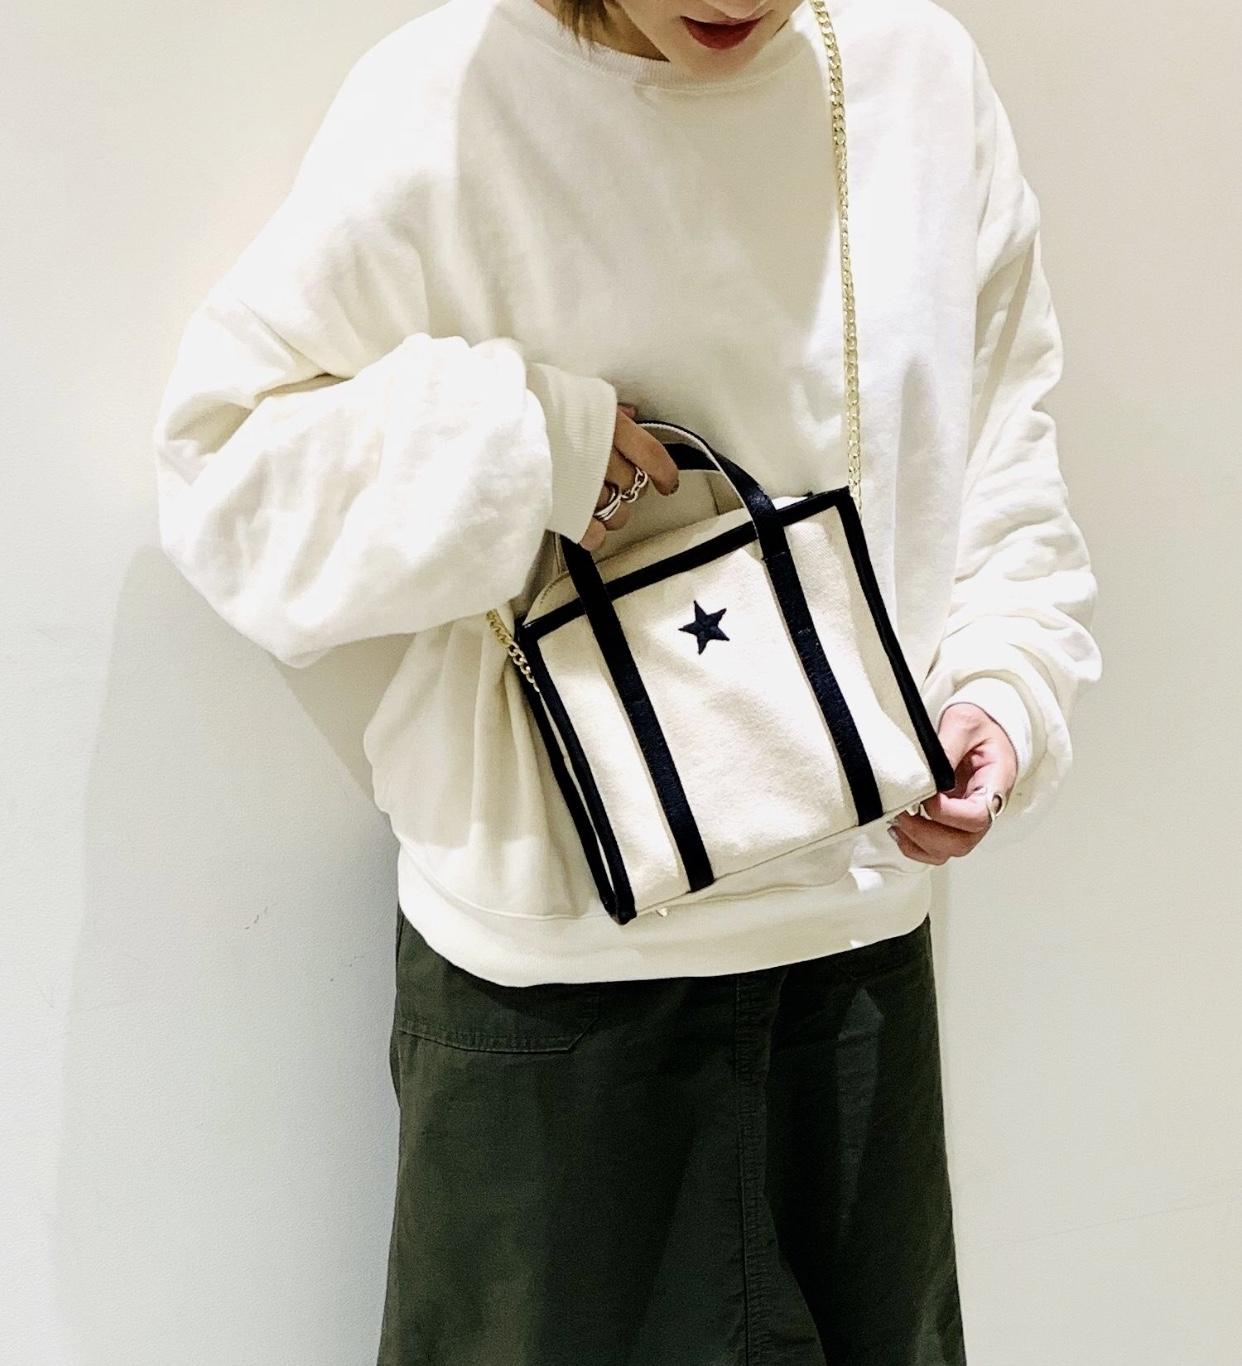 atneK Scrap Book アトネック スクラップブック 日本ブランド キャンバスバッグ ワンスター ショルダーバッグ 帆布バッグ チェーンショルダー ハンドバッグ 日本ブランド